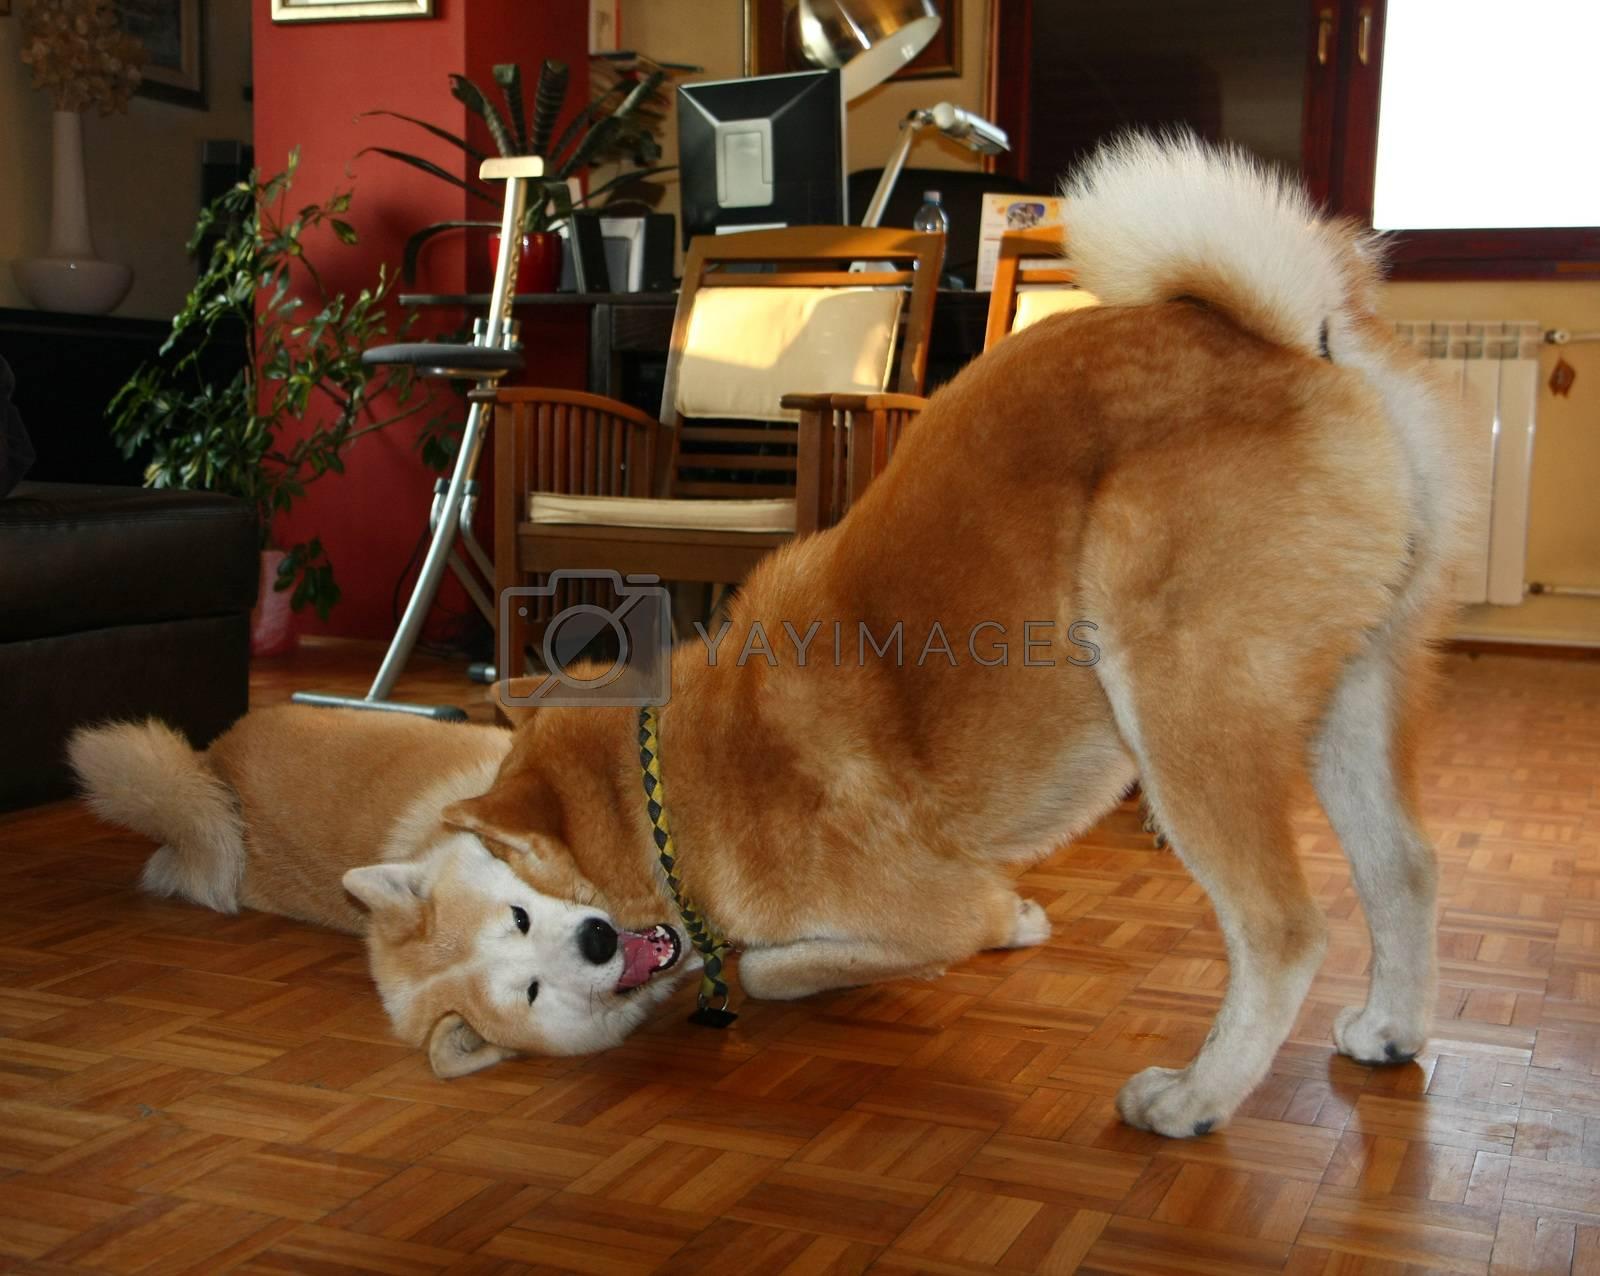 Beautiful Akita Inu dogs playing in the flat